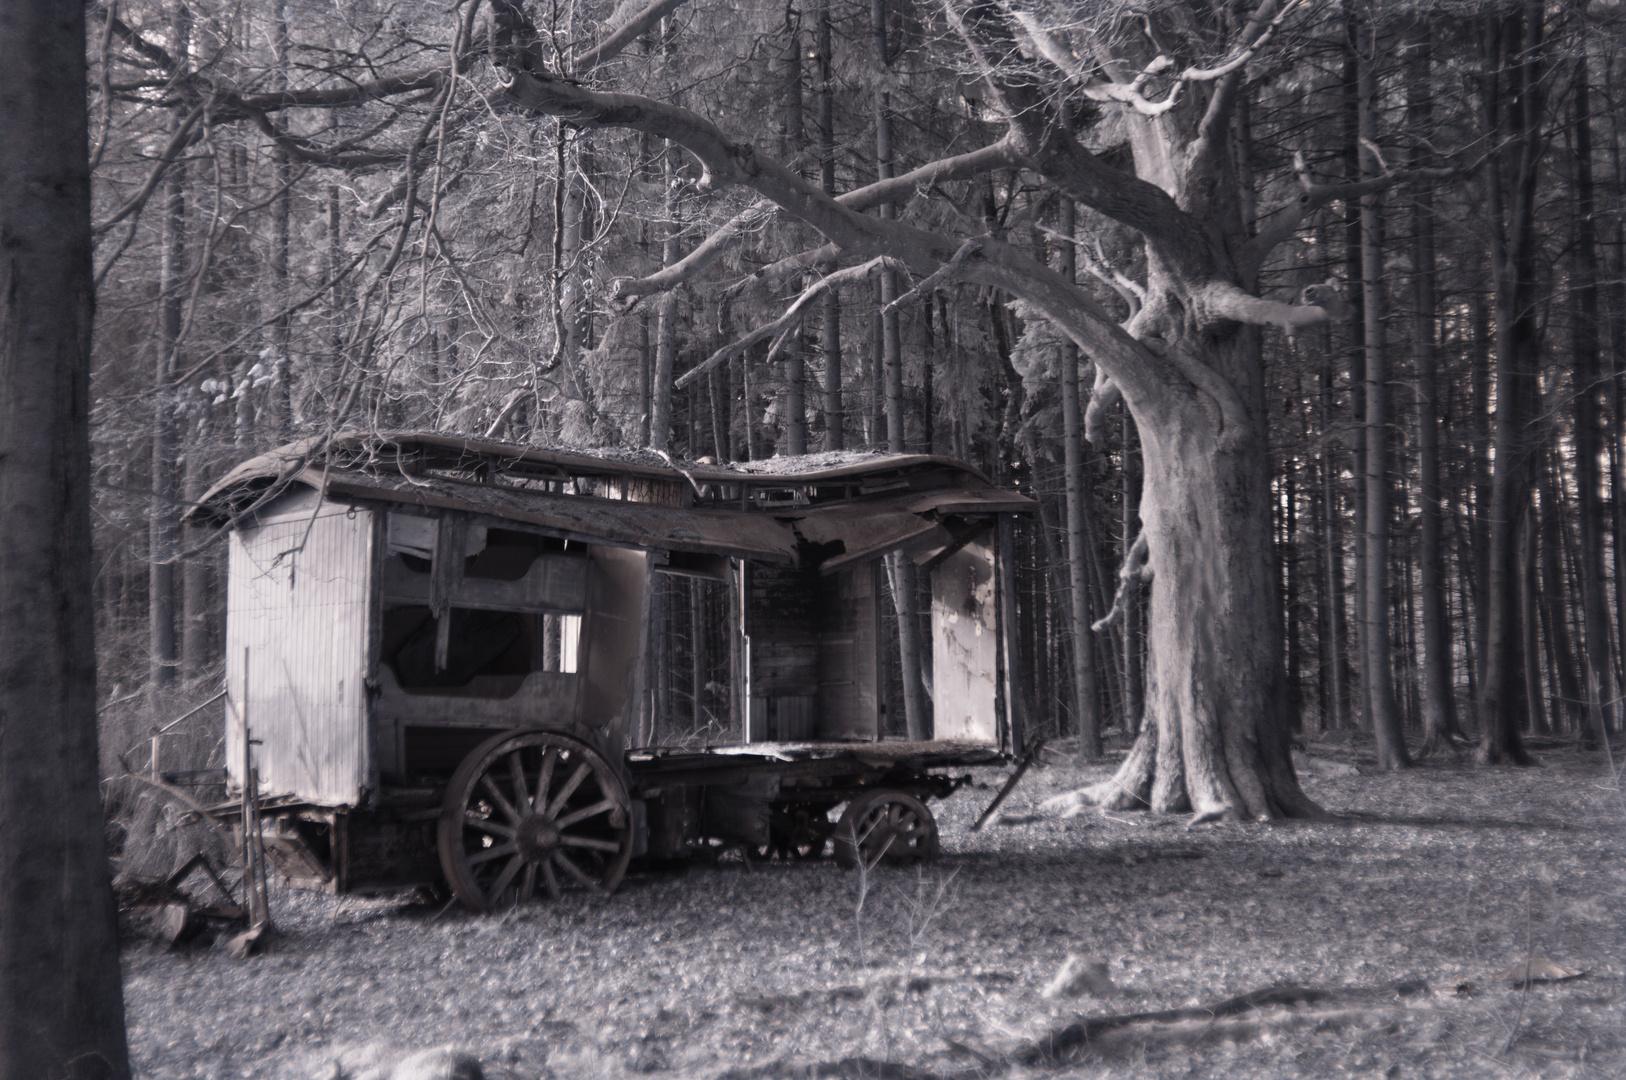 Vergessen im Wald